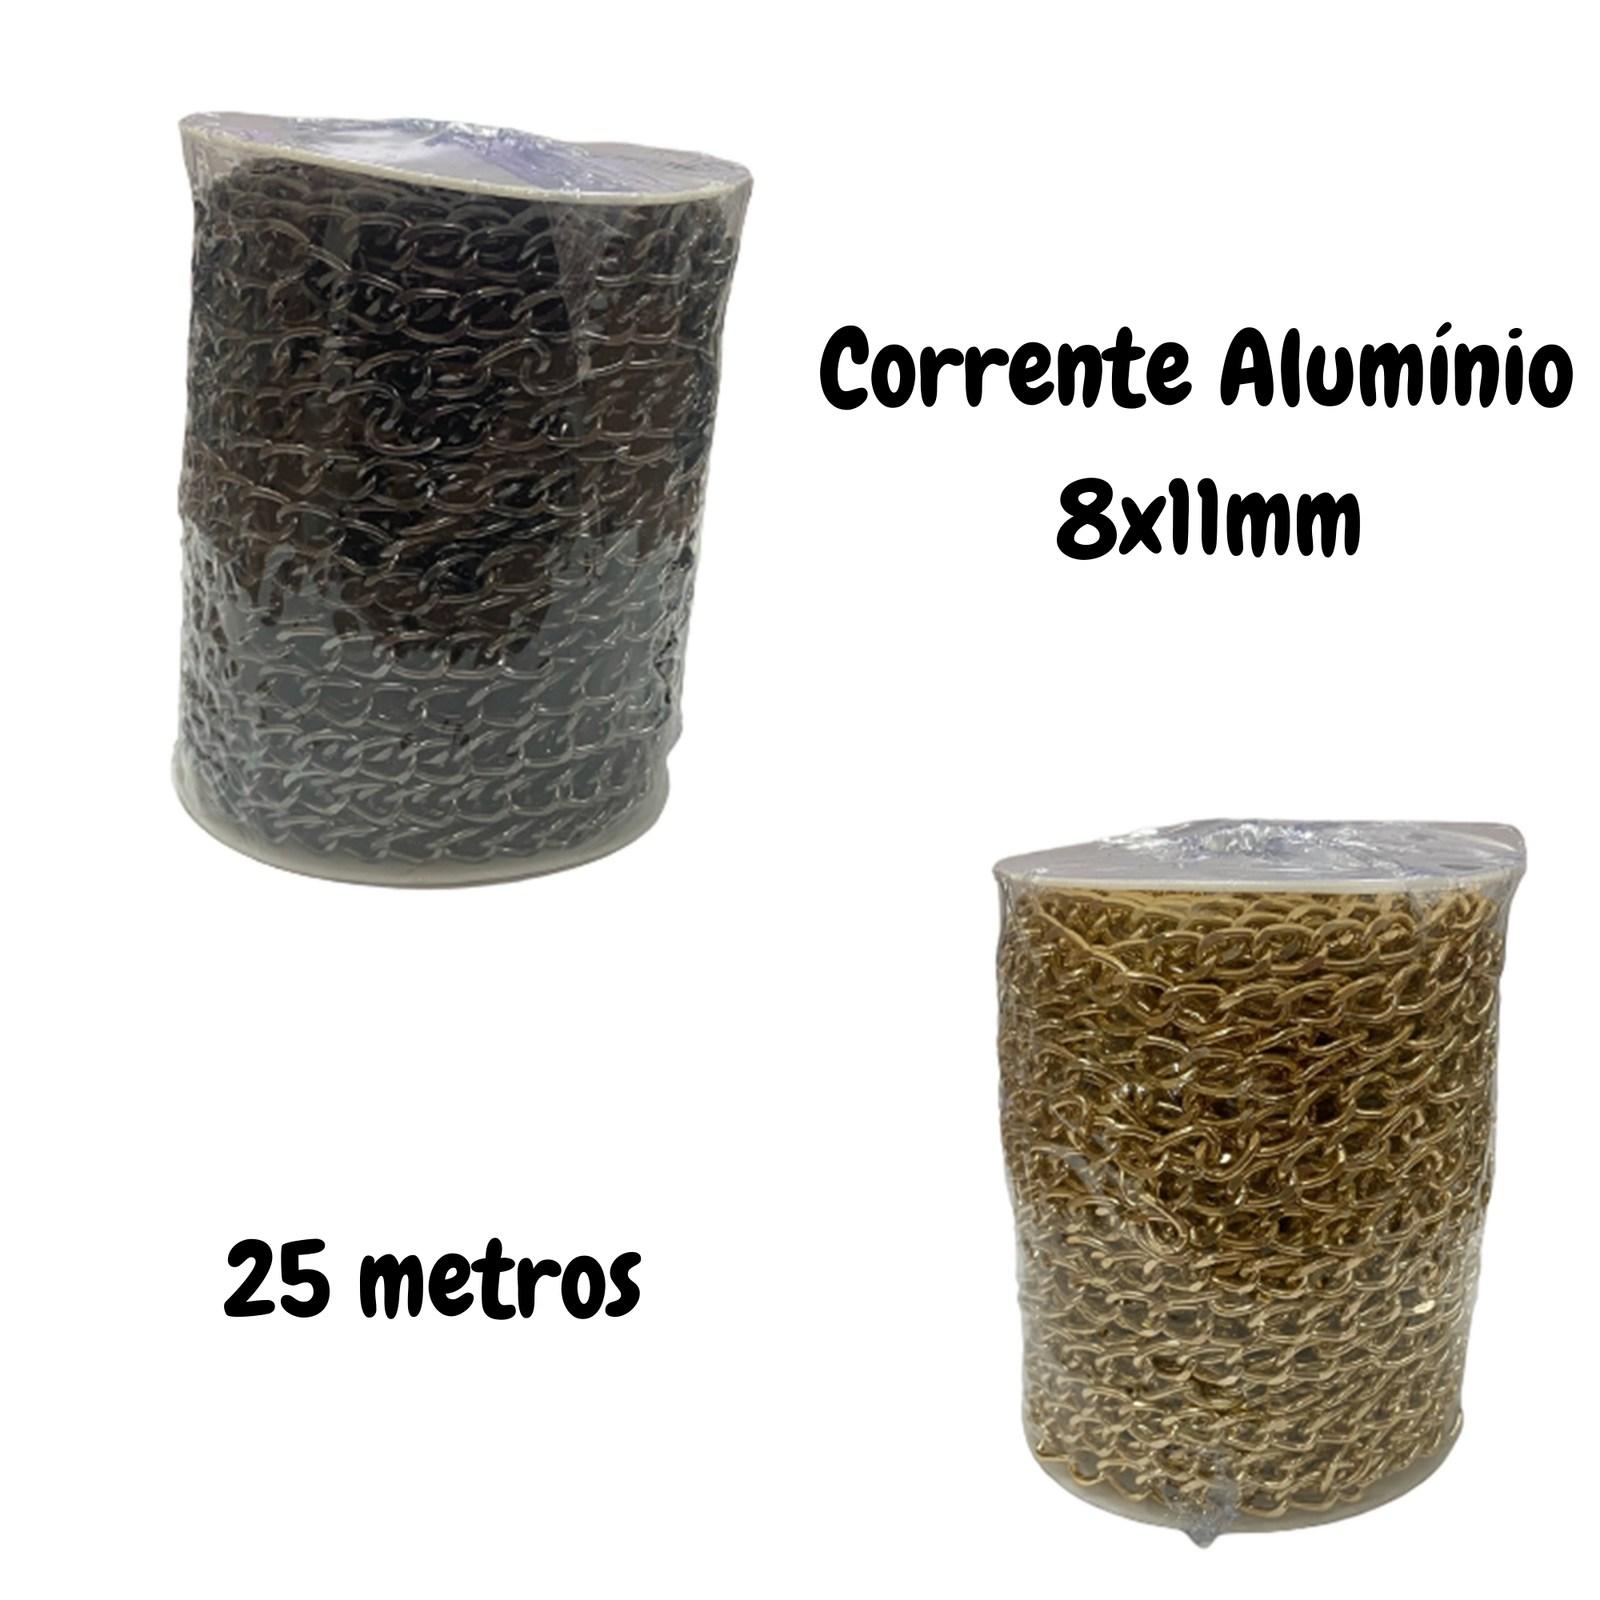 Corrente de Alumínio 8x11mm - 25 metros